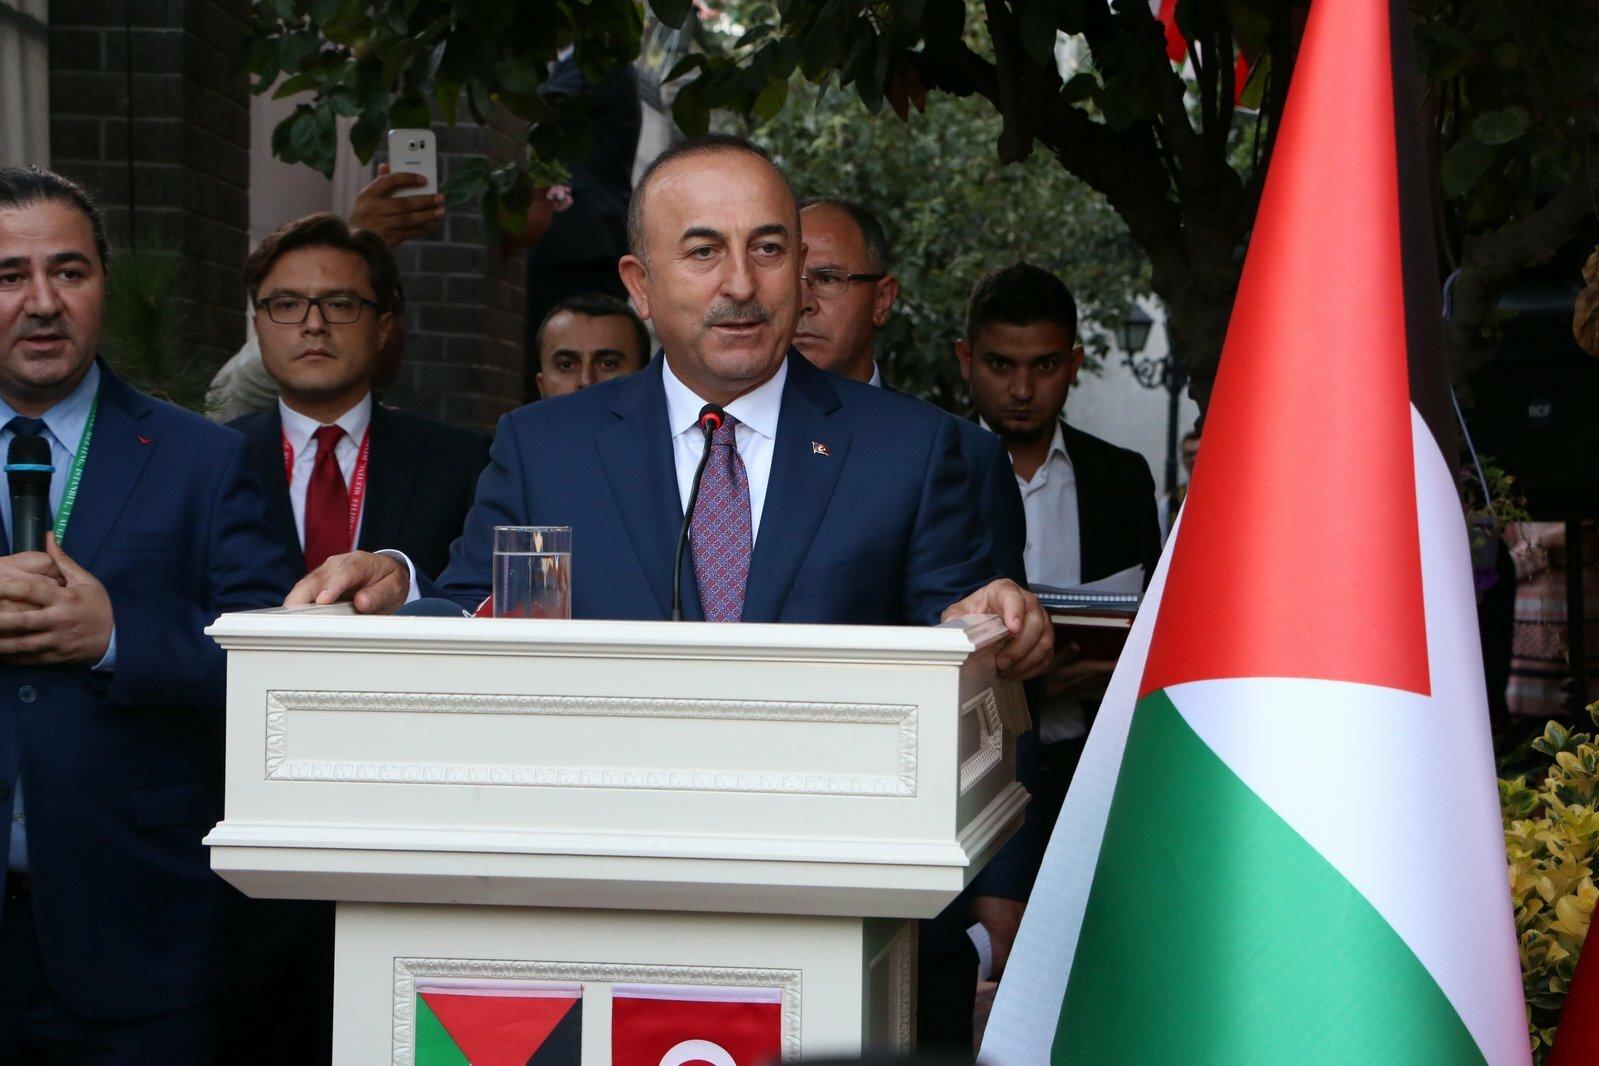 Türkiye Dışişleri Bakanı Çavuşoğlu'ndan Filistin'e destek mesajı